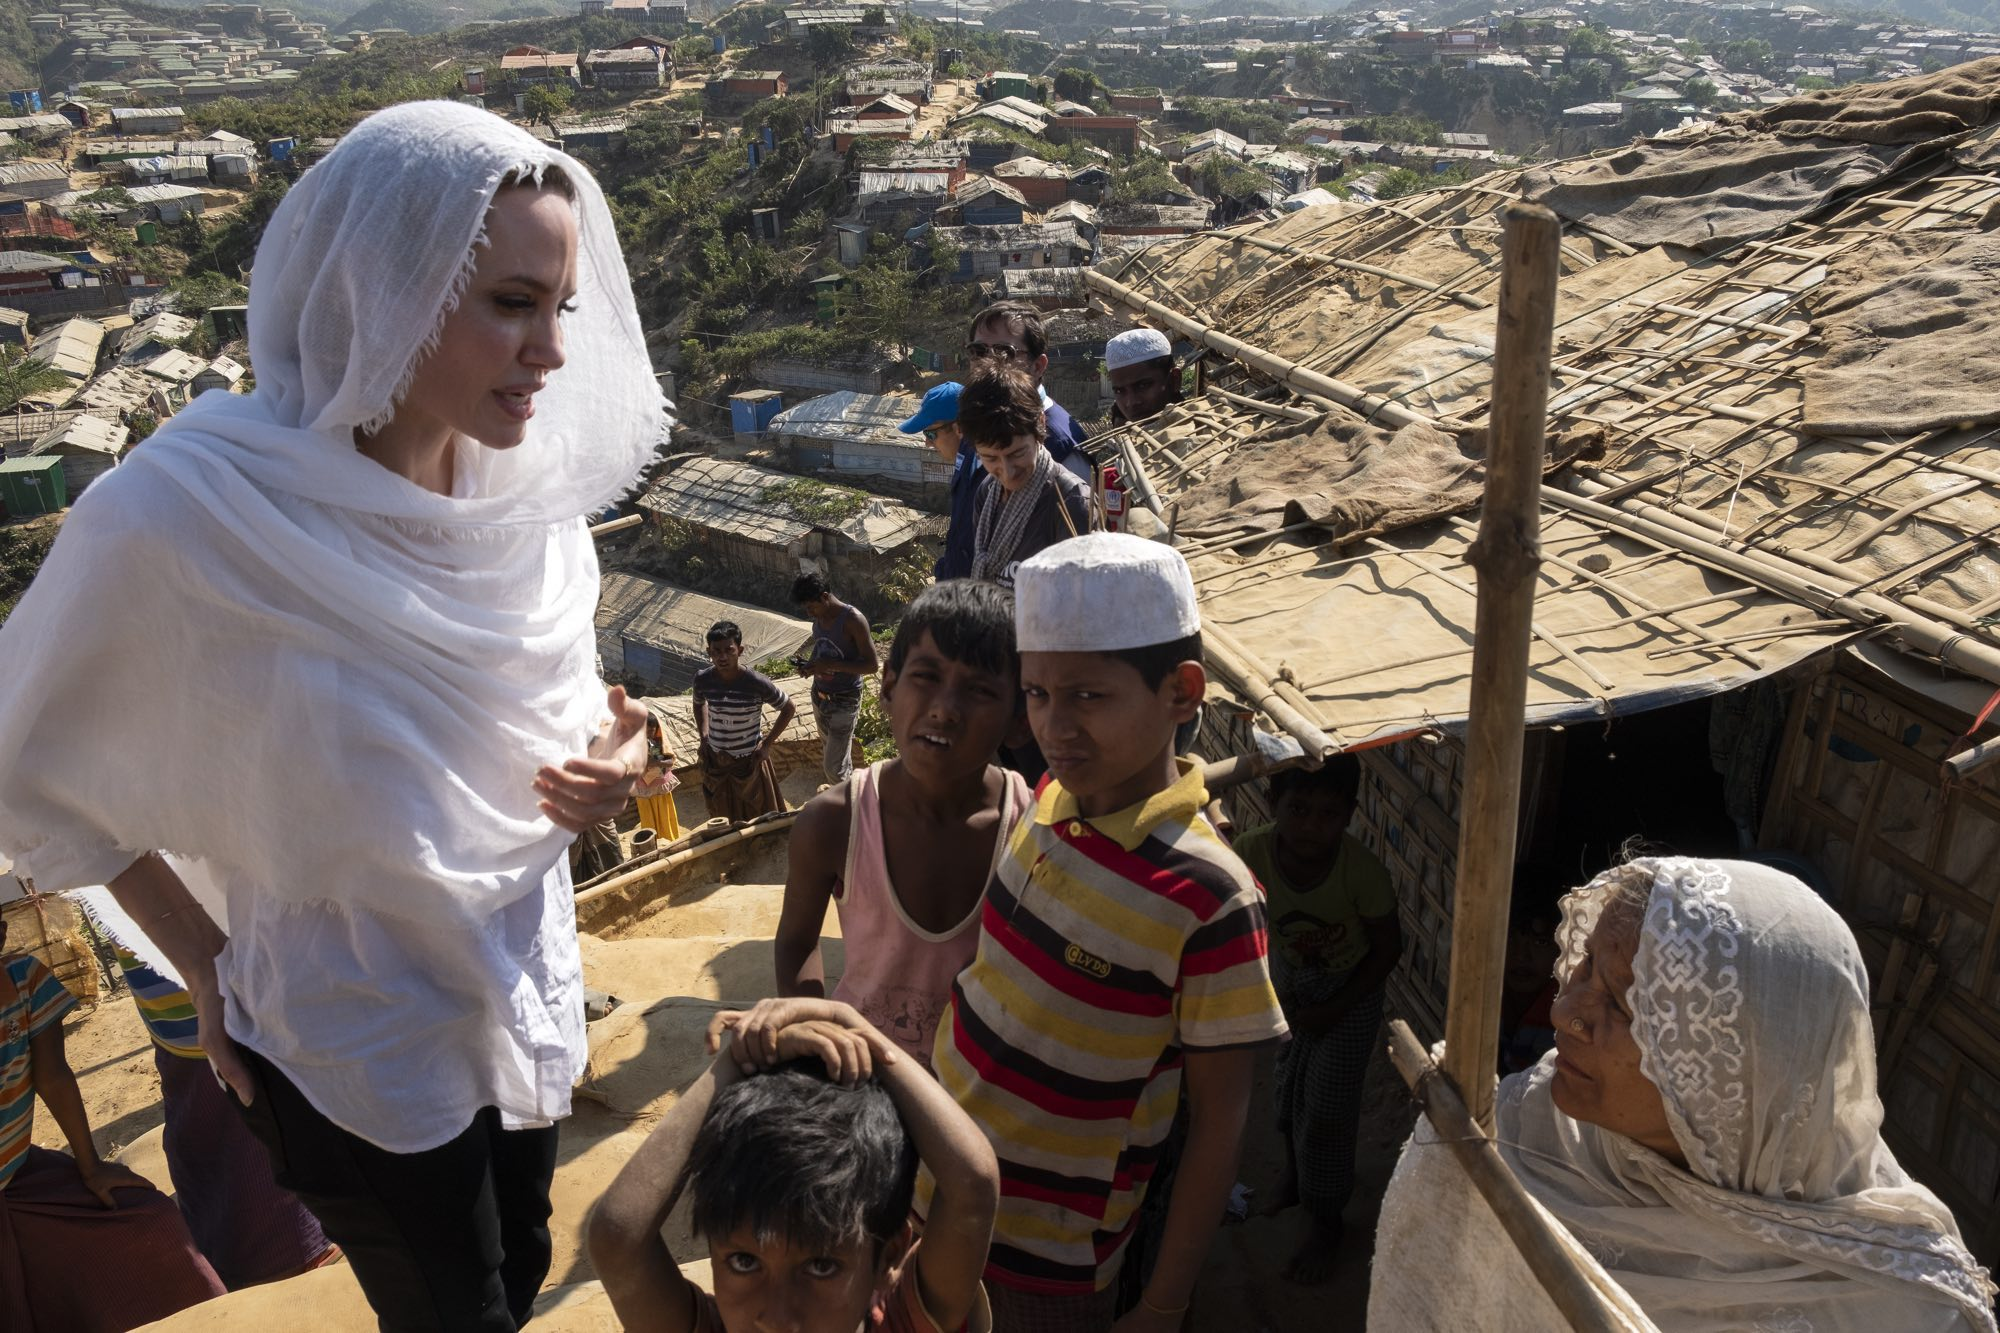 Februar 2019, Bangladesh/Cox's Bazar:Jolie macht sich ein Bild der humanitären Lage im Rohingya Flüchtlinge, © UNHCR/ Santiago Escobar- Jaramillo